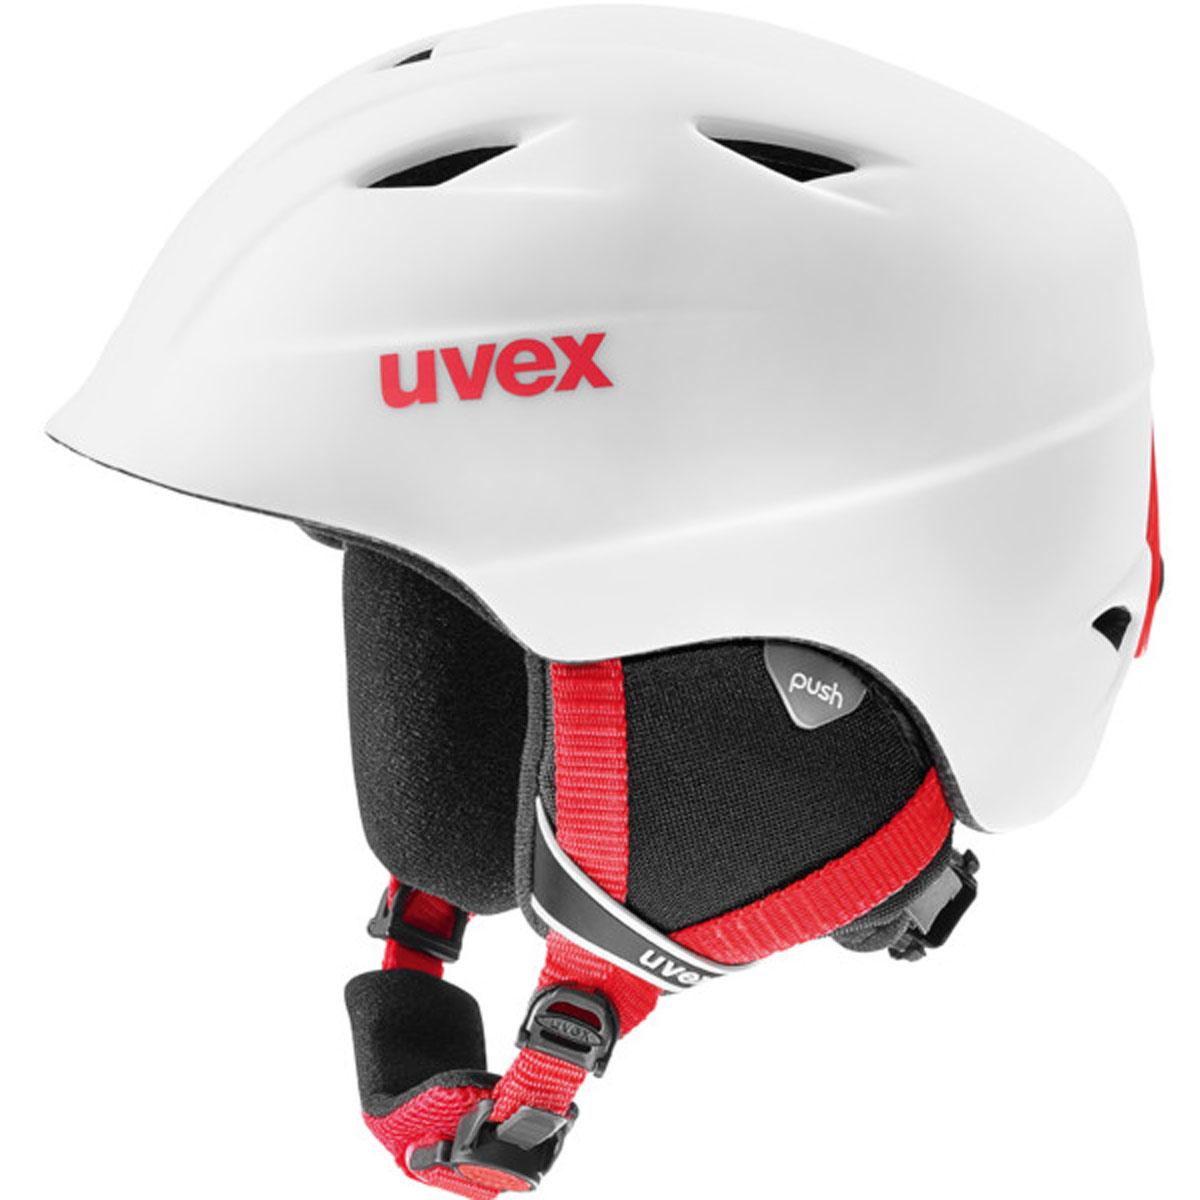 Шлем горнолыжный детский Uvex Airwing 2 Pro Kid's Helmet, цвет: белый, красный матовый. Размер XS